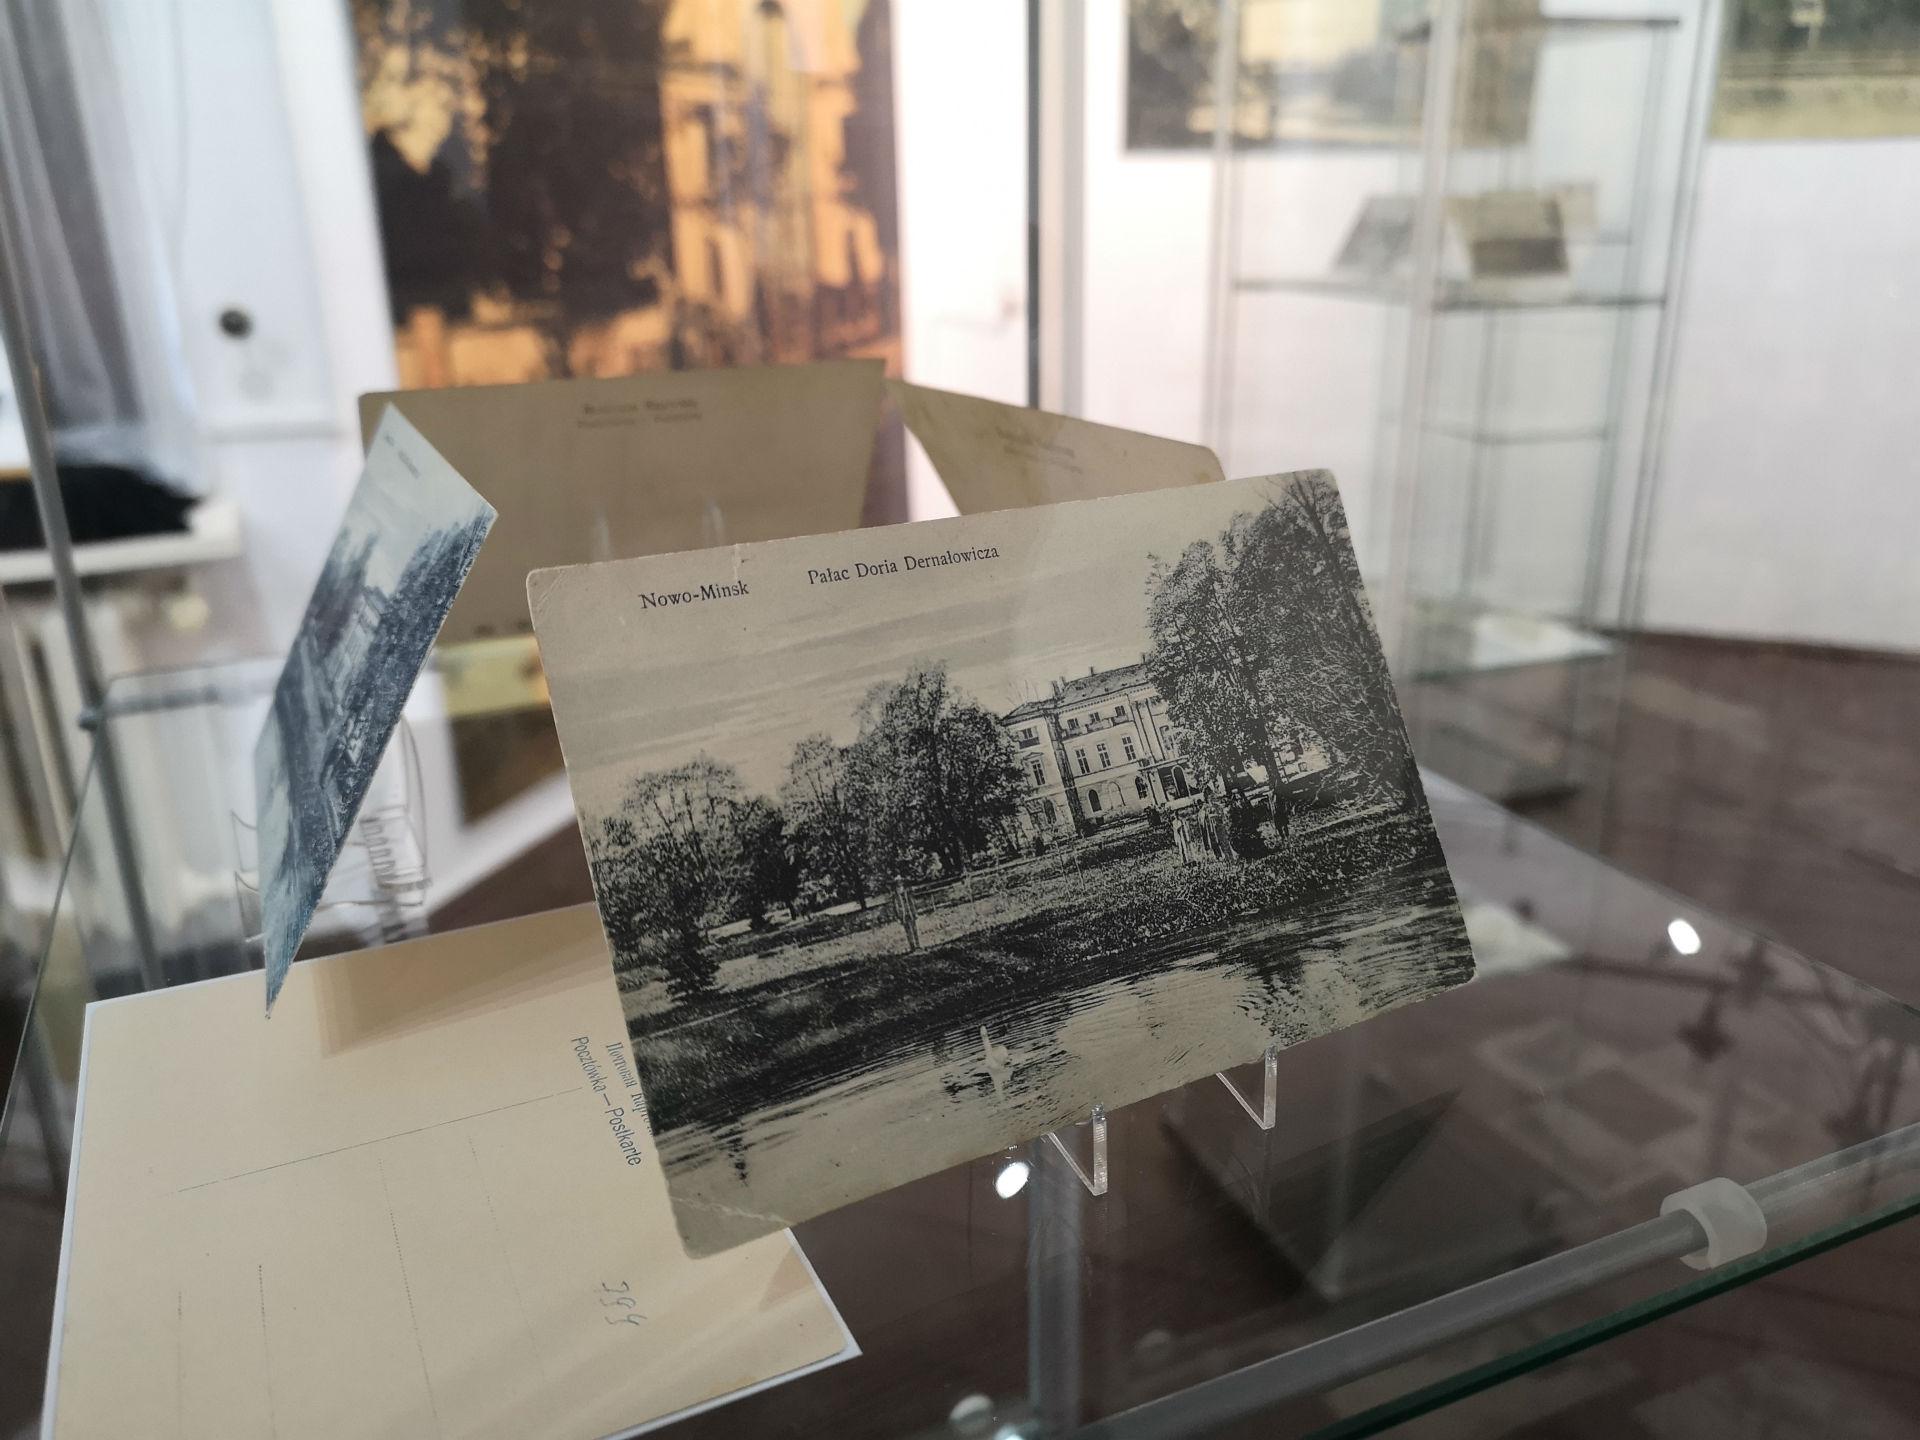 Wnętrze gabloty. Na pierwszym planie pocztówka z historycznym widokiem pałacu Dernałowiczów w Mińsku Mazowieckim. W tle reszta ekspozycji.